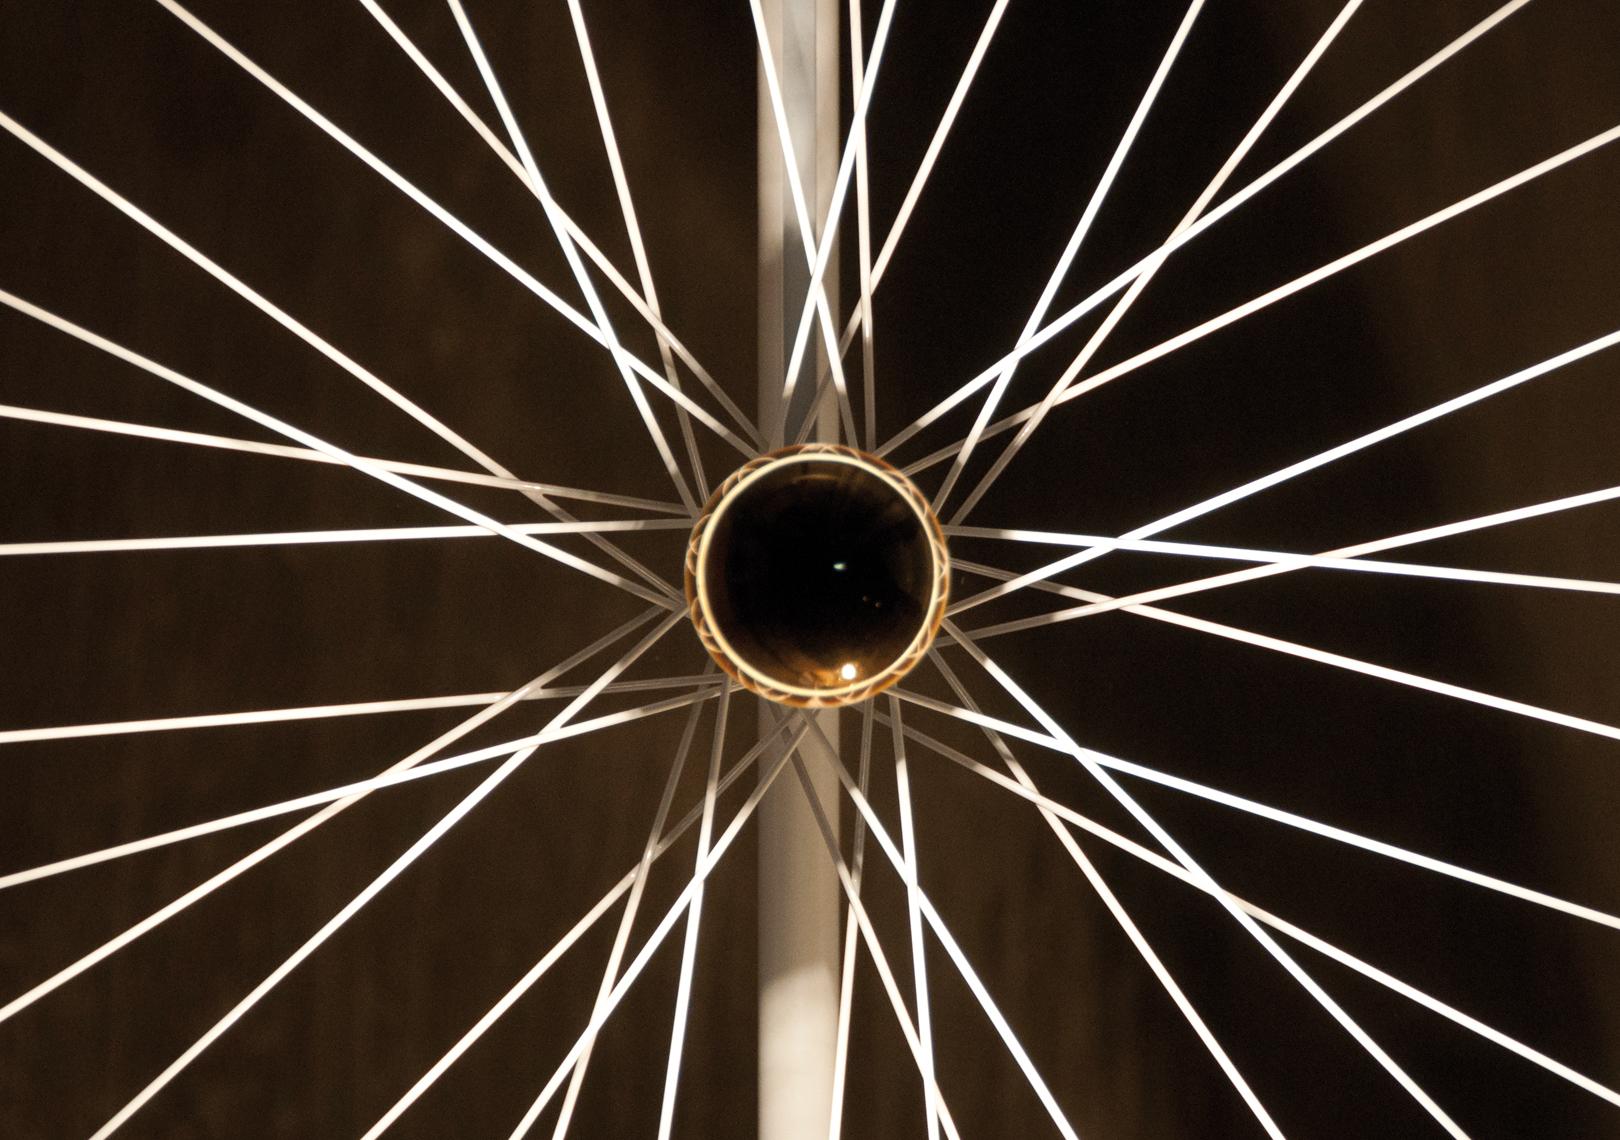 STUDIO DLF / Rim Lamp (Series)